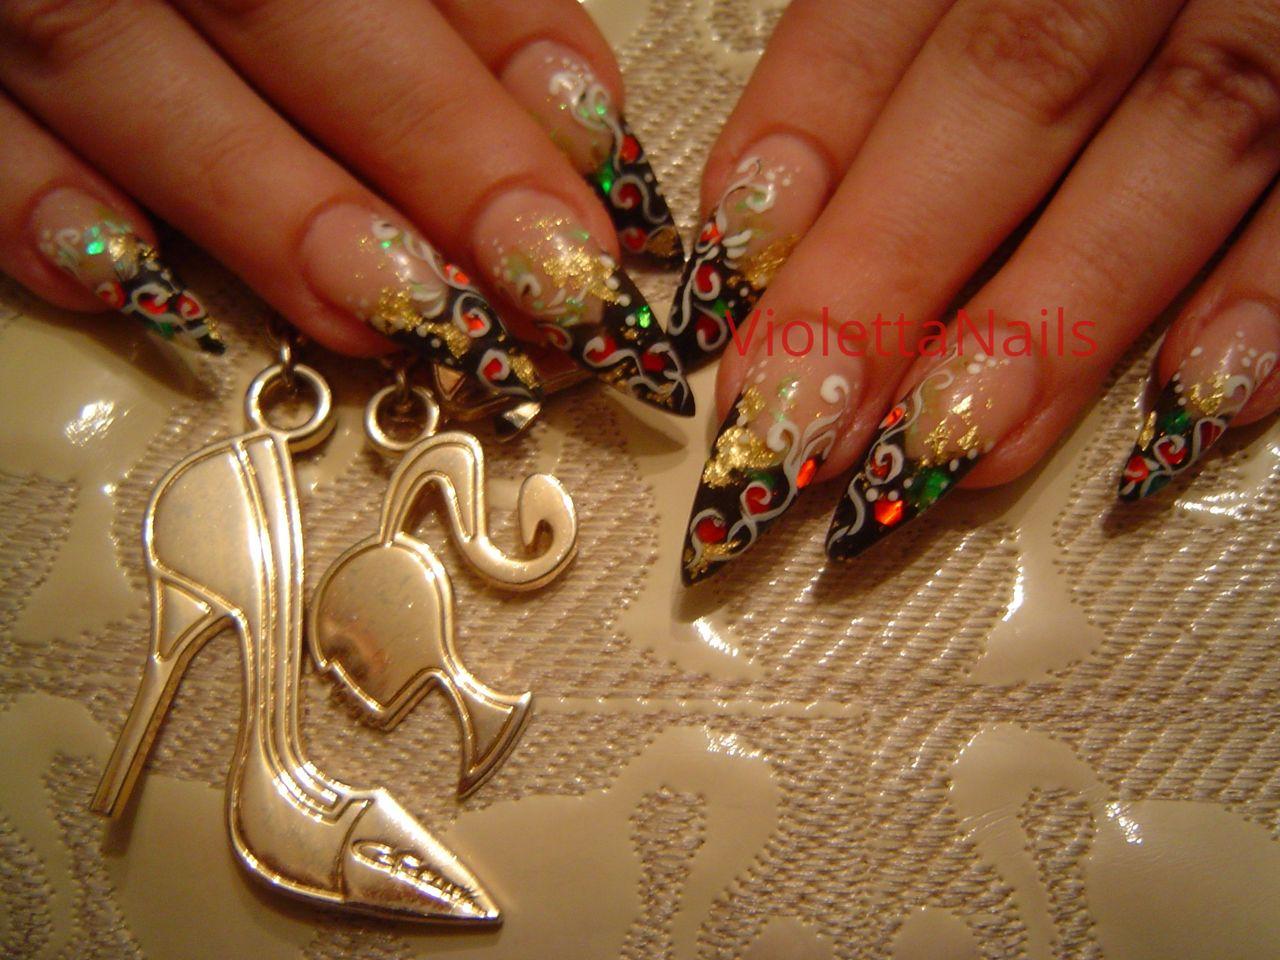 Alungirea Unghiilor Cu Gel Calitativ наращивание ногтей гелем